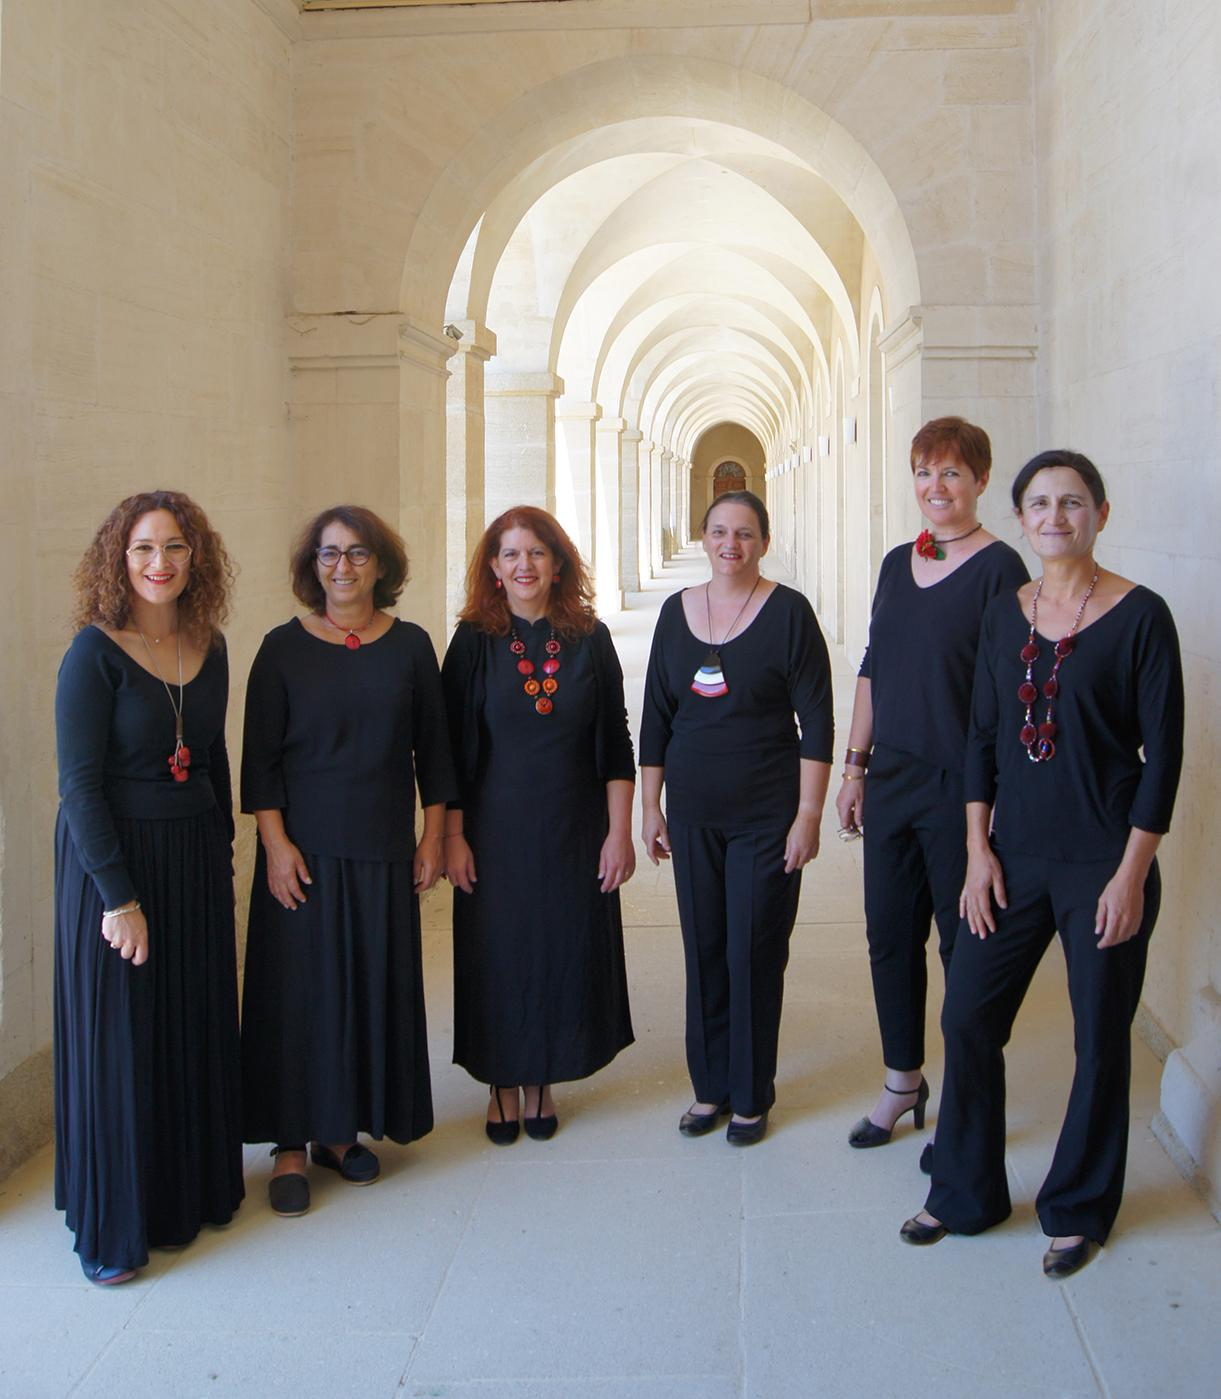 Les soprani